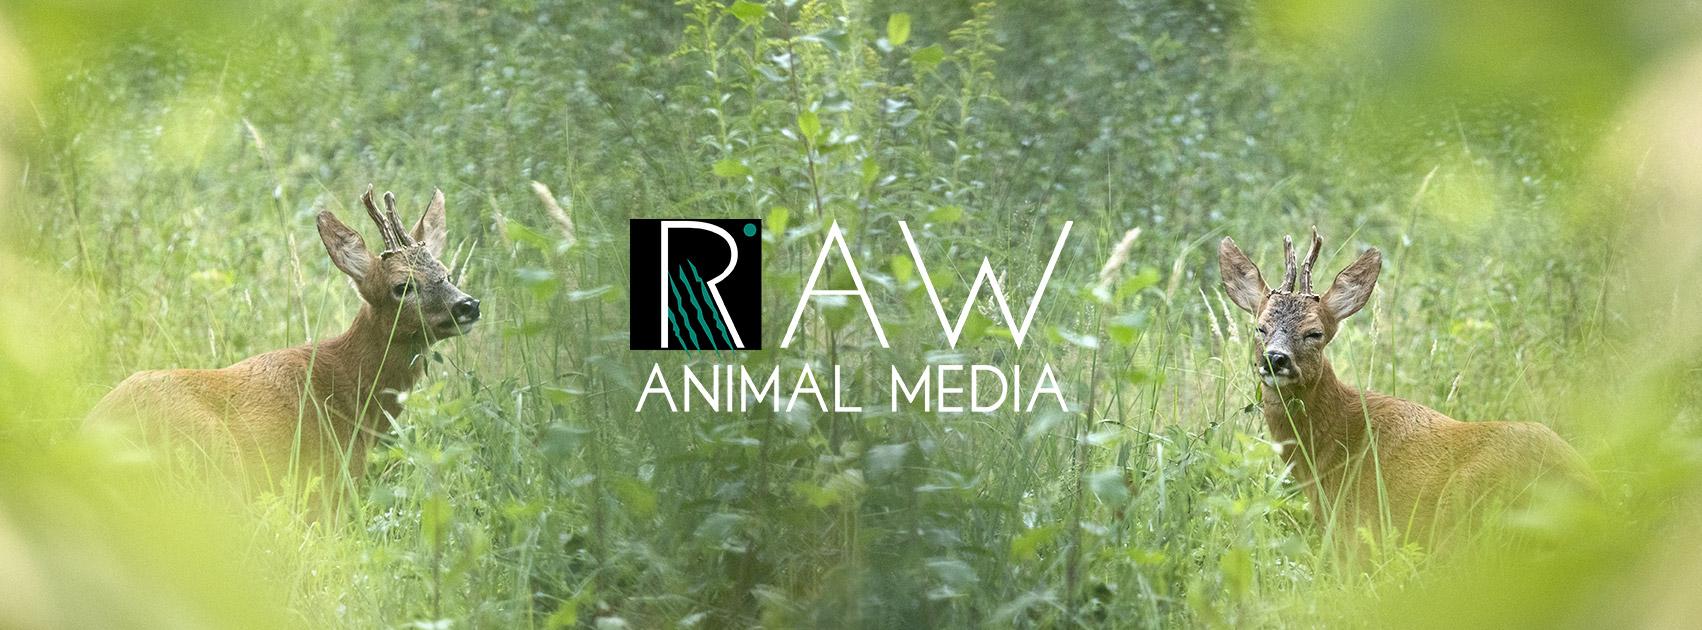 Raw Animal Media